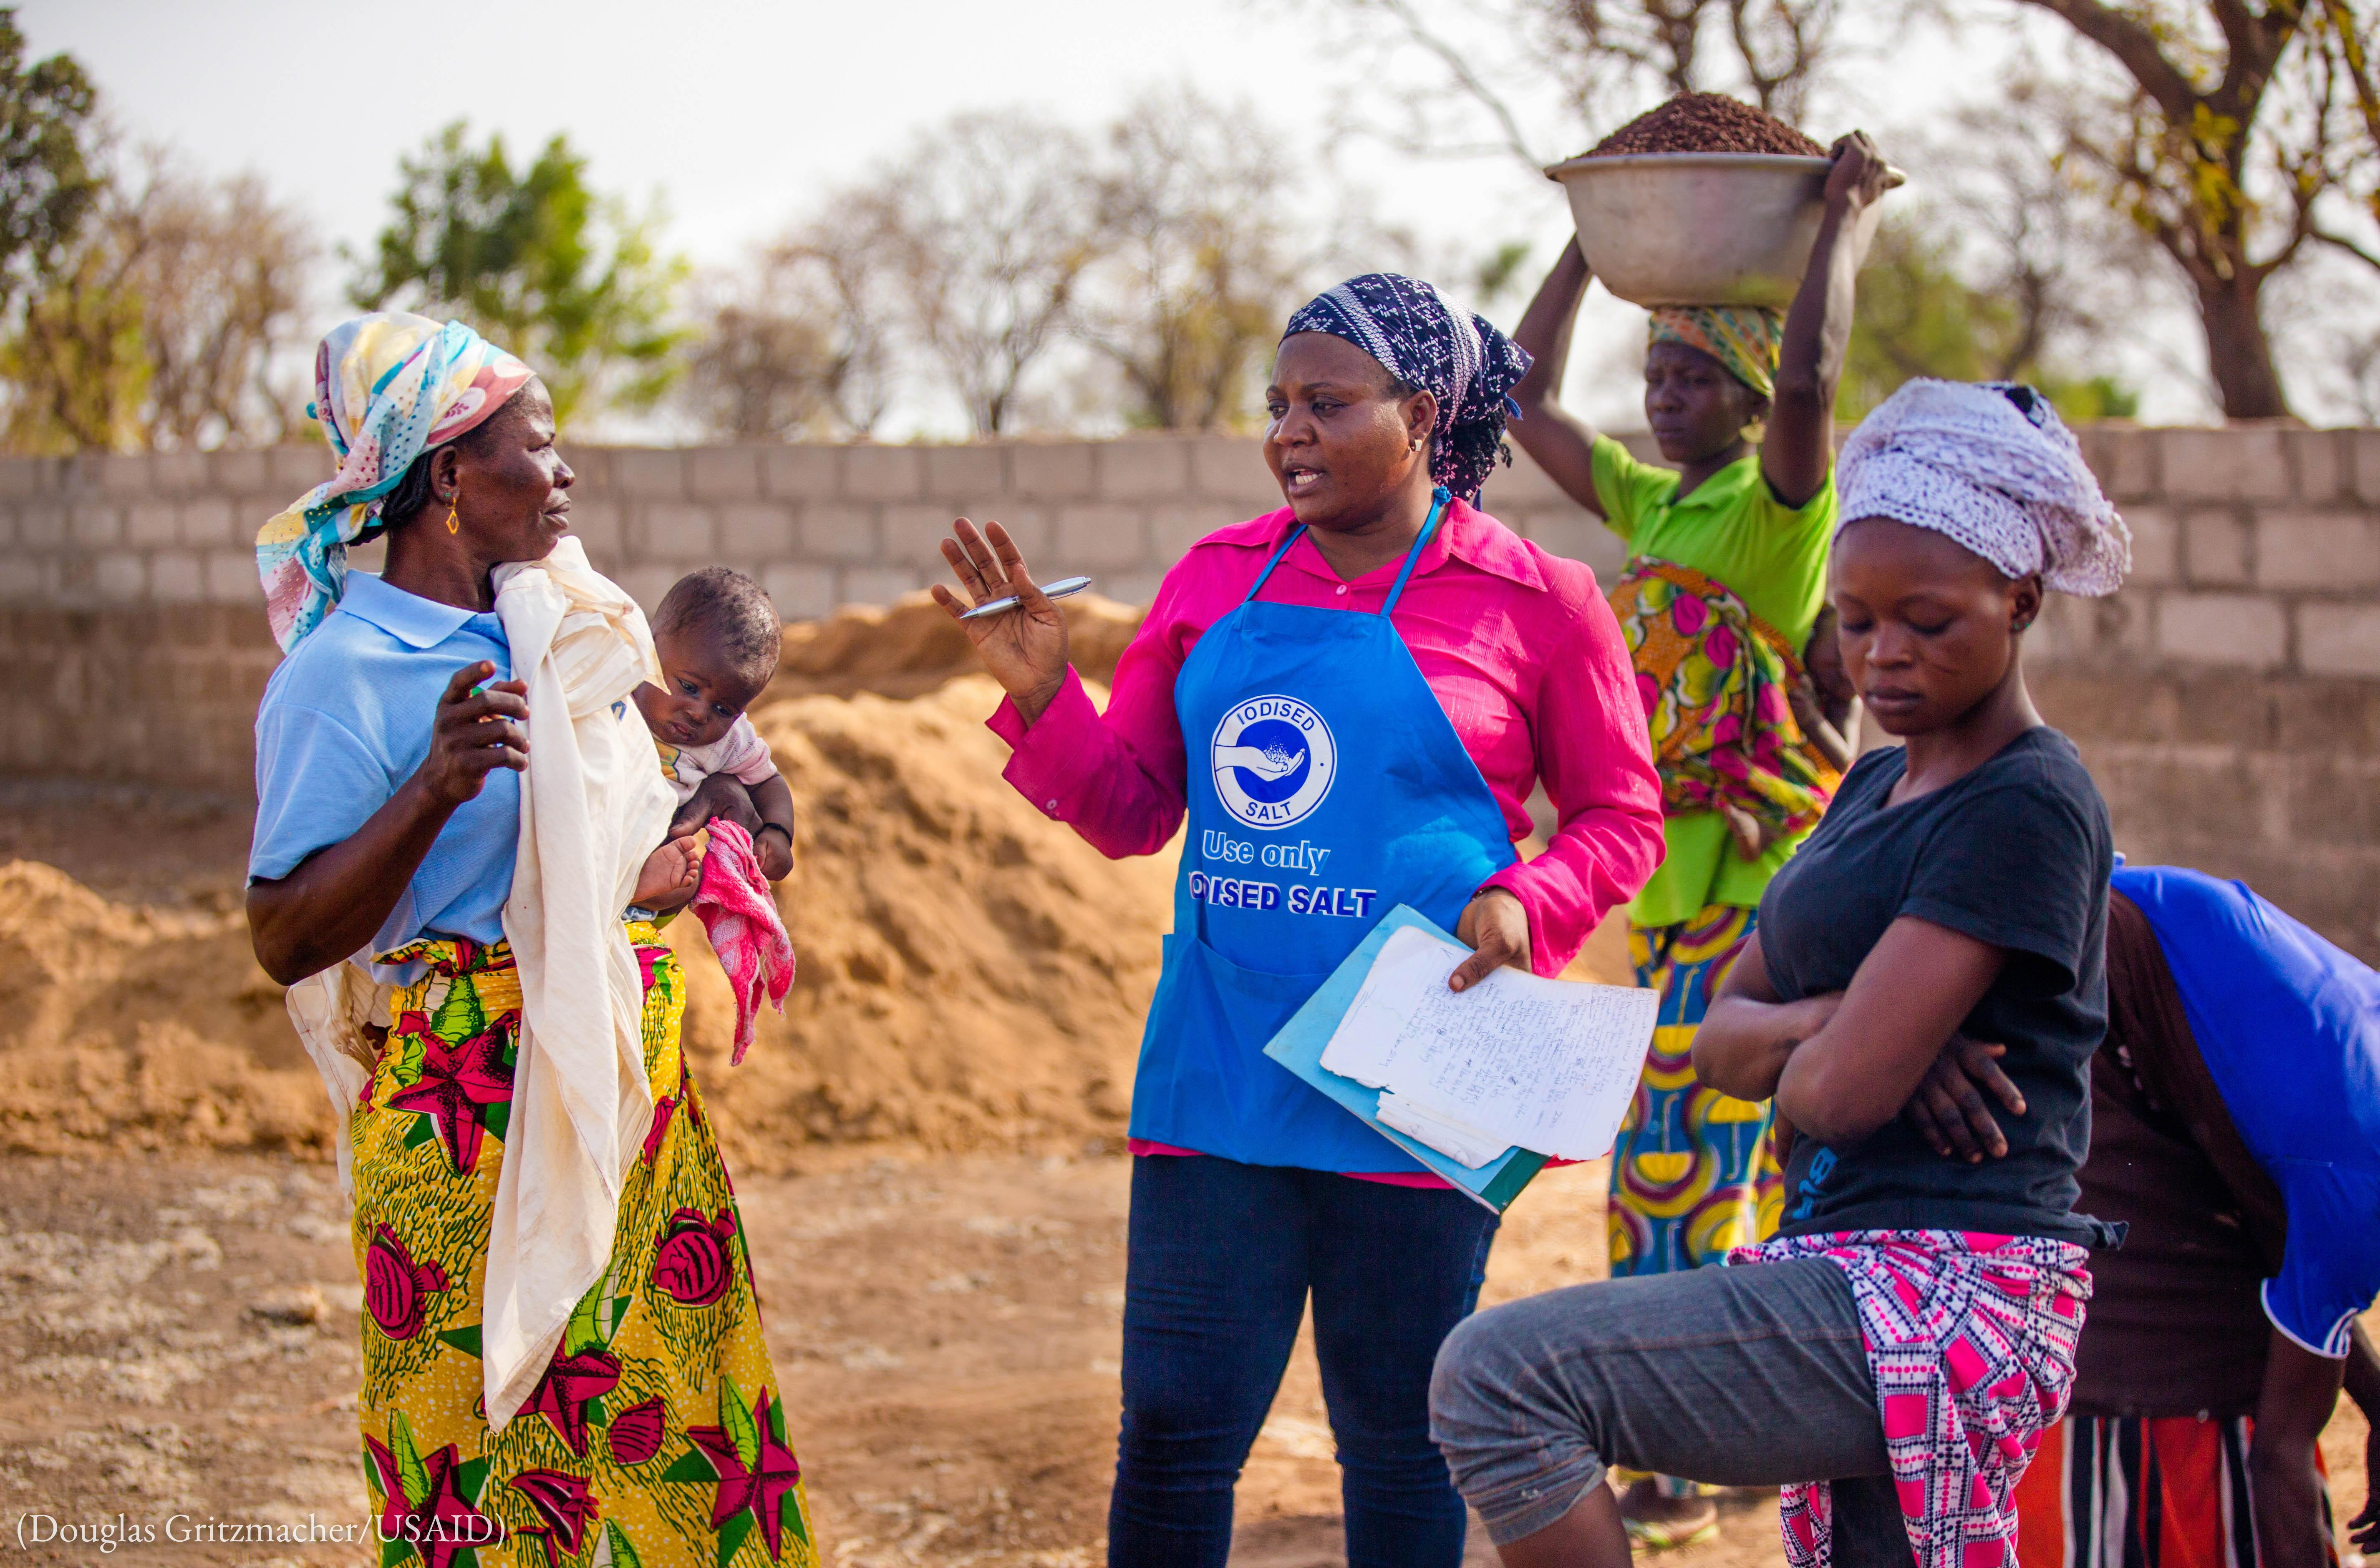 ایک عورت کام کرنے والی دوسری عورتوں سے محو گفتگو ہے۔ (Douglas Gritzmacher/USAID)